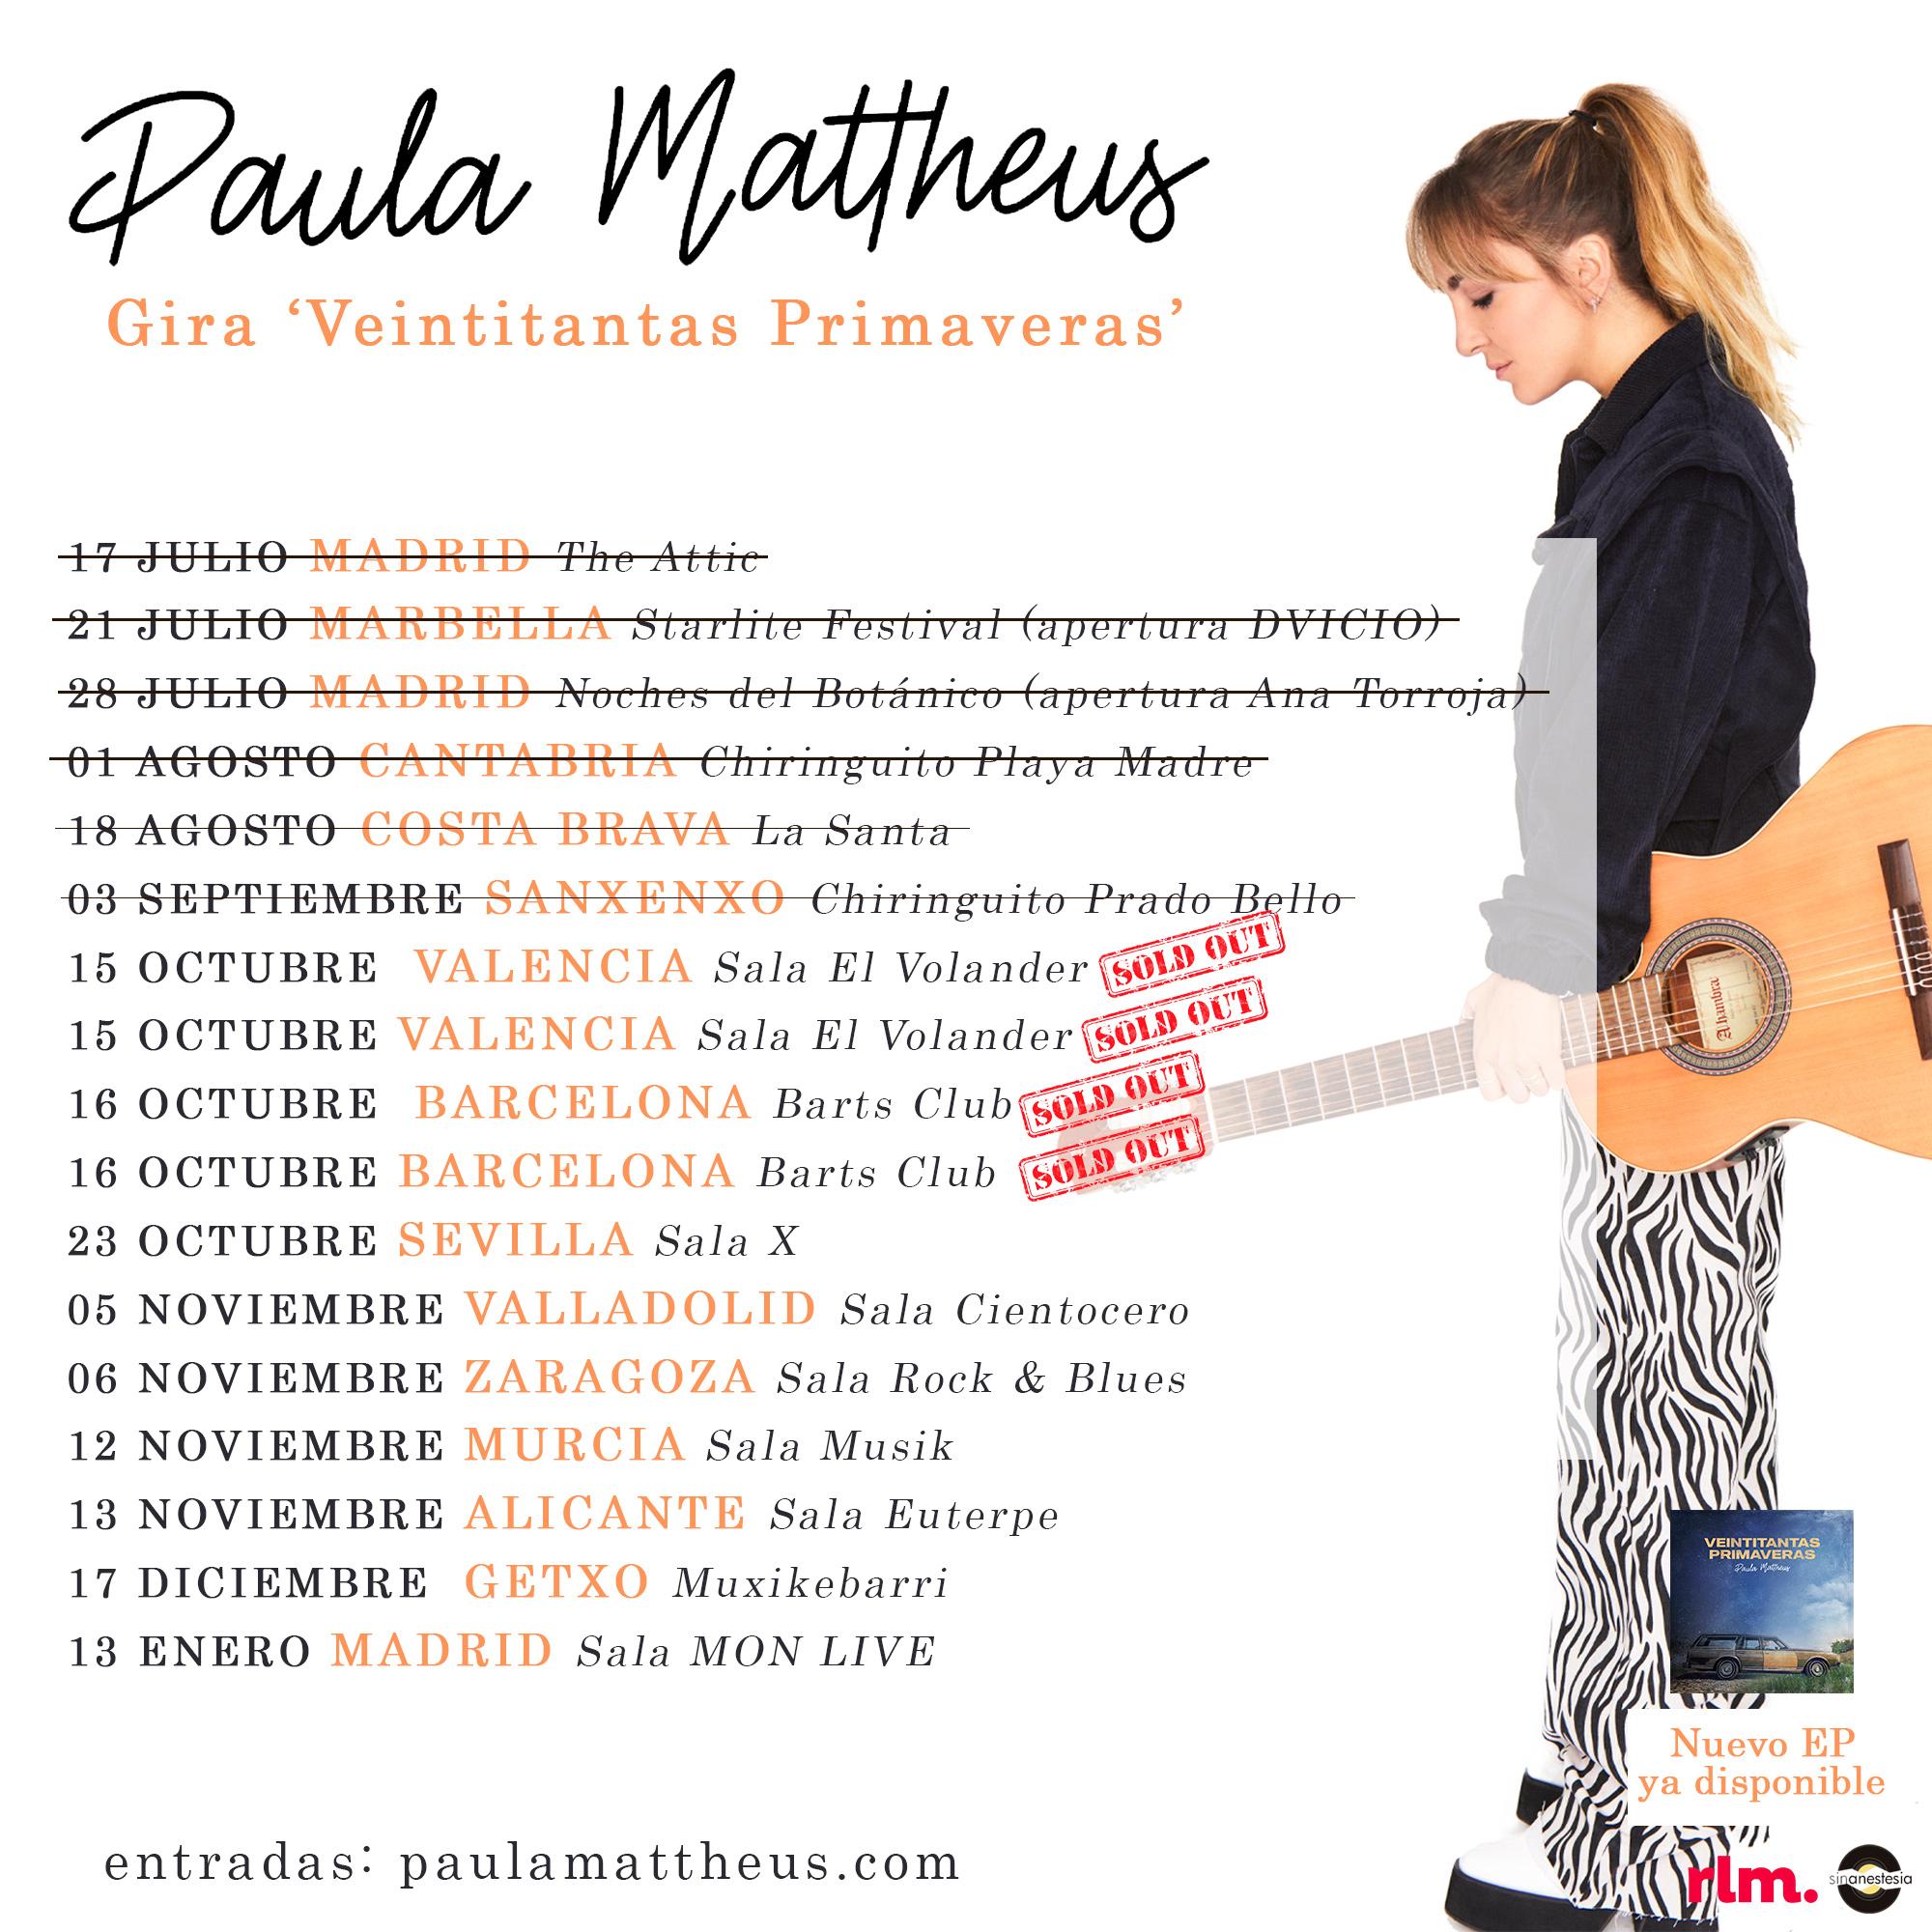 Paula Mattheus gira